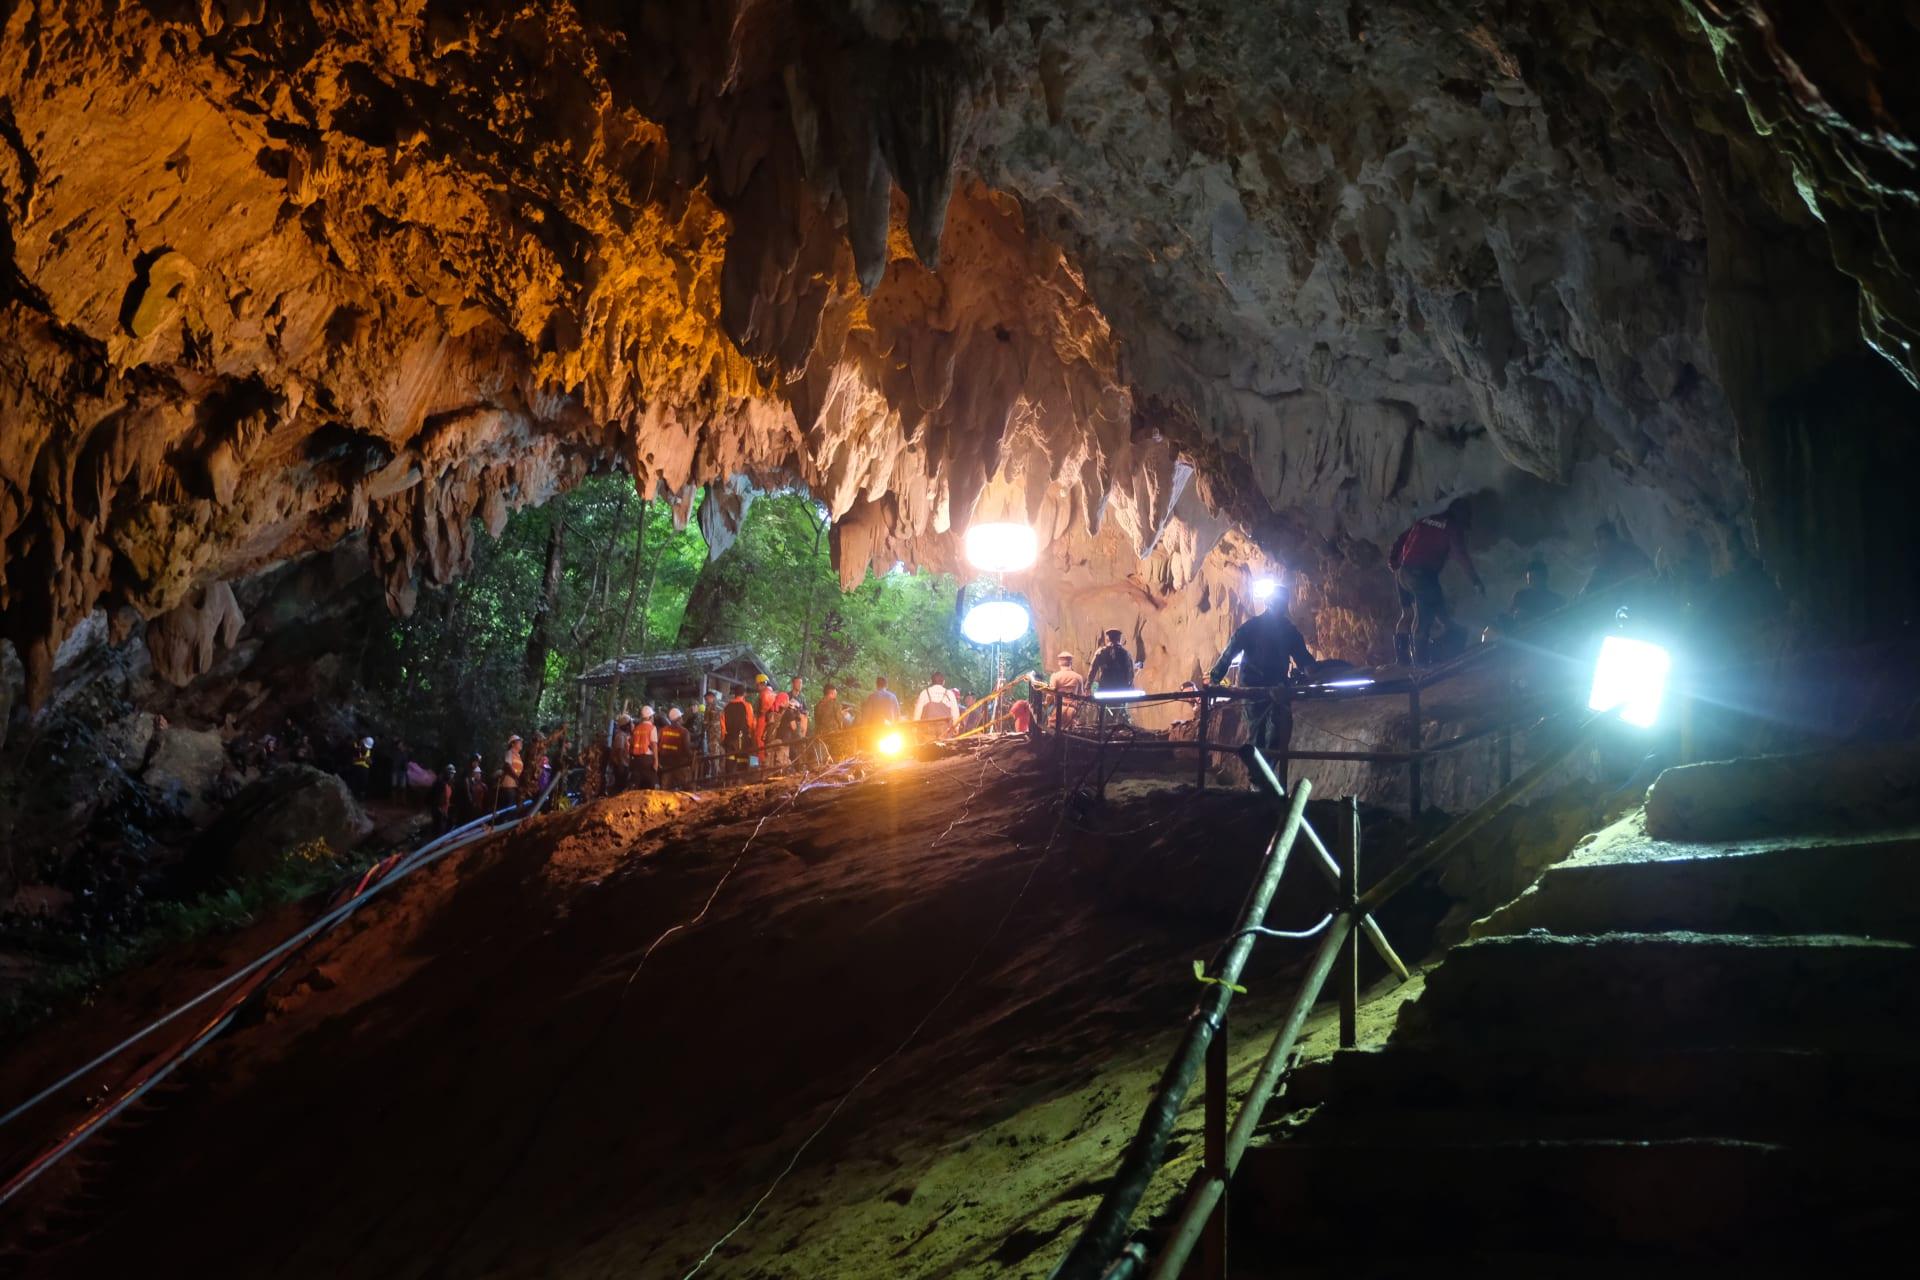 عمال الإنقاذ يقومون بتثبيت مضخة مياه داخل الكهف في تايلاند مع استمرار عمليات انقاذ الأطفال العالقين بداخله